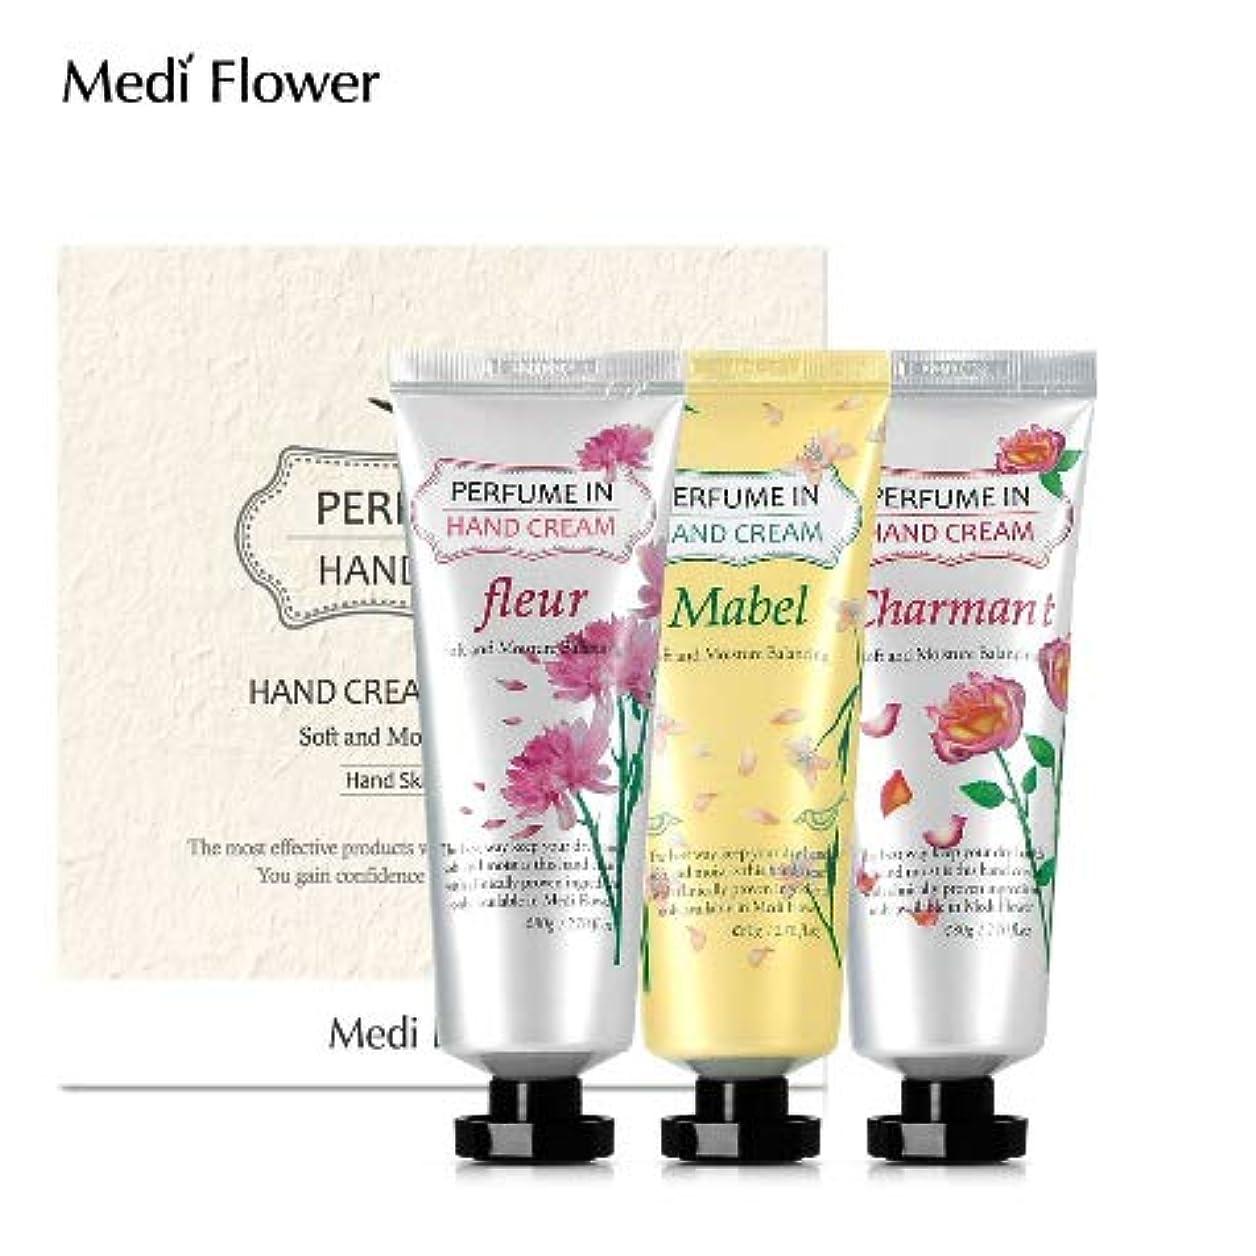 傾向がある荒らすを通して[MediFlower] パフュームインハンドクリーム?スペシャルセット 80g x 3個セット / Perfume Hand Cream Specail Set